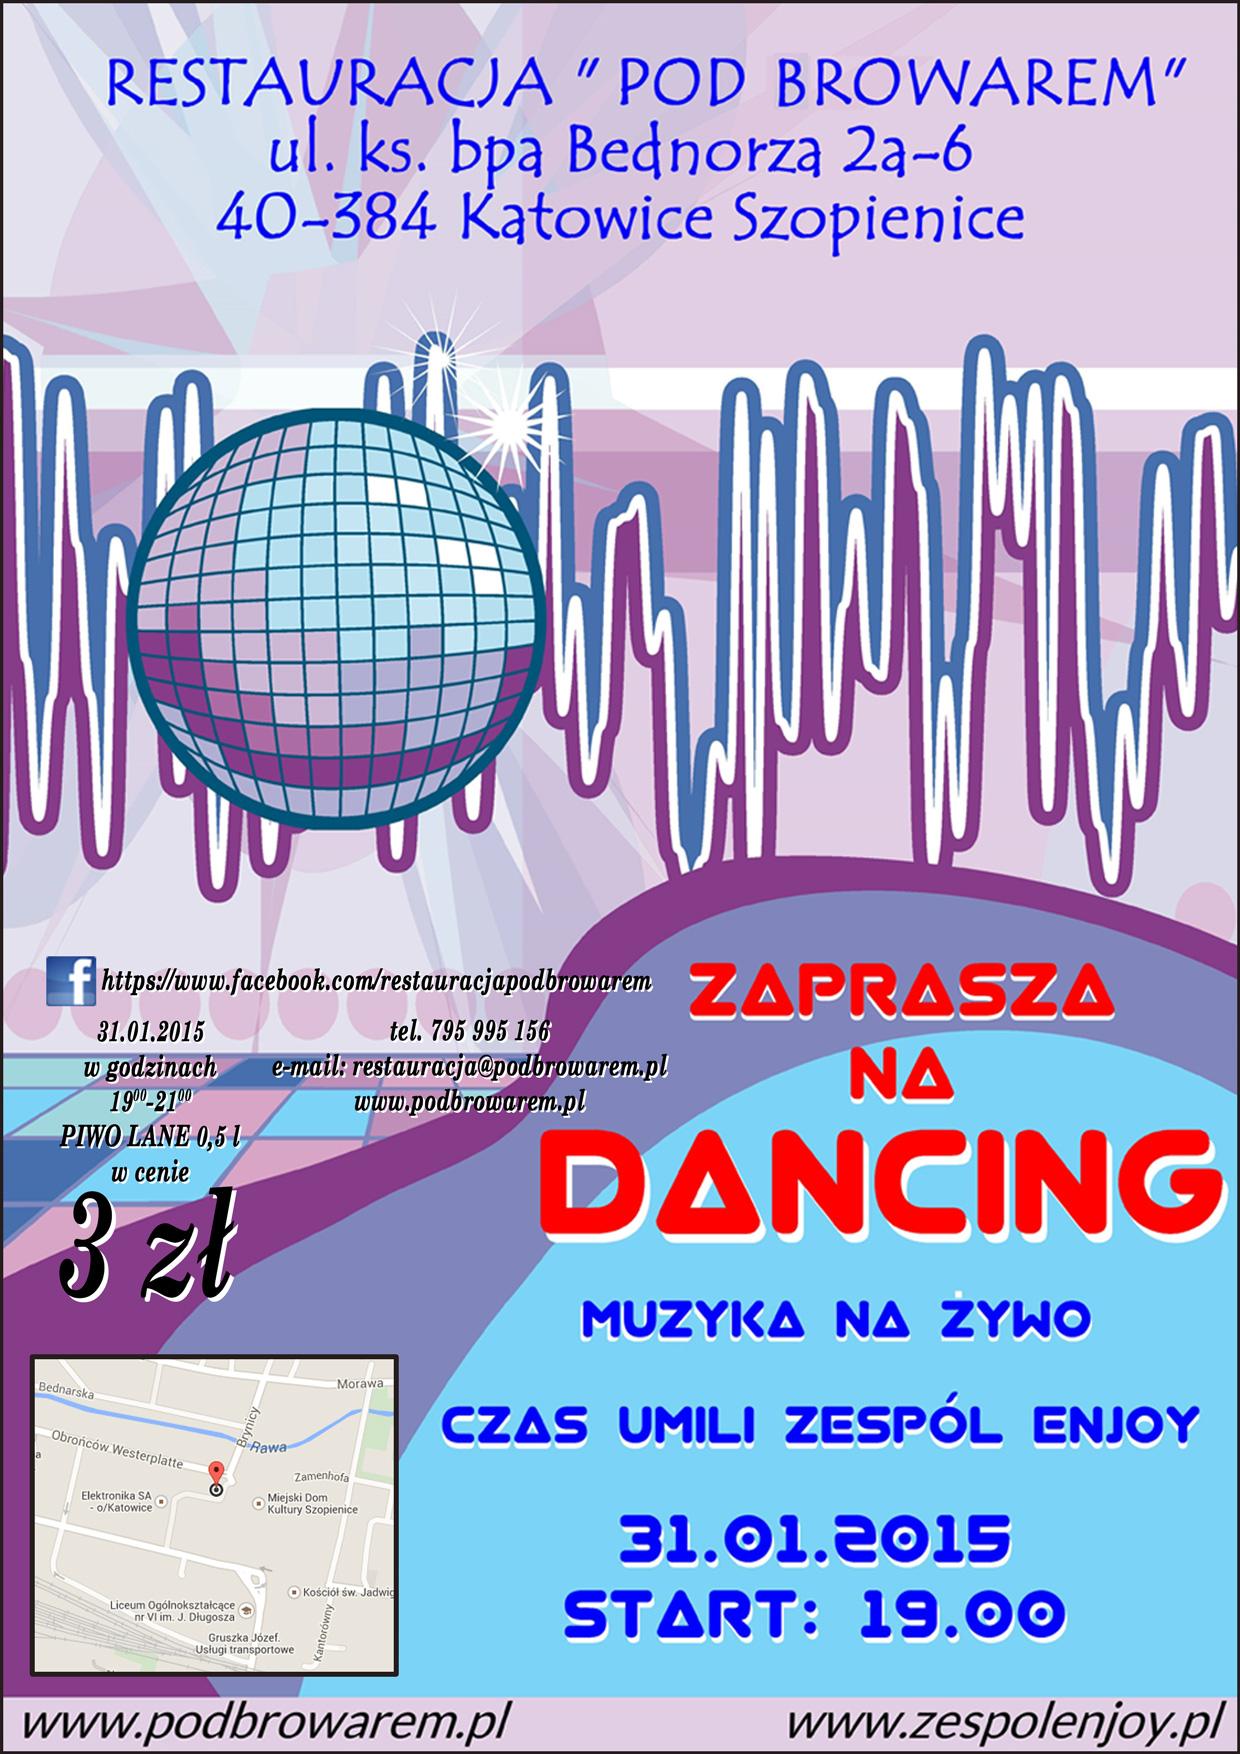 urlotka-zaproszenie-na-dancing-styczen